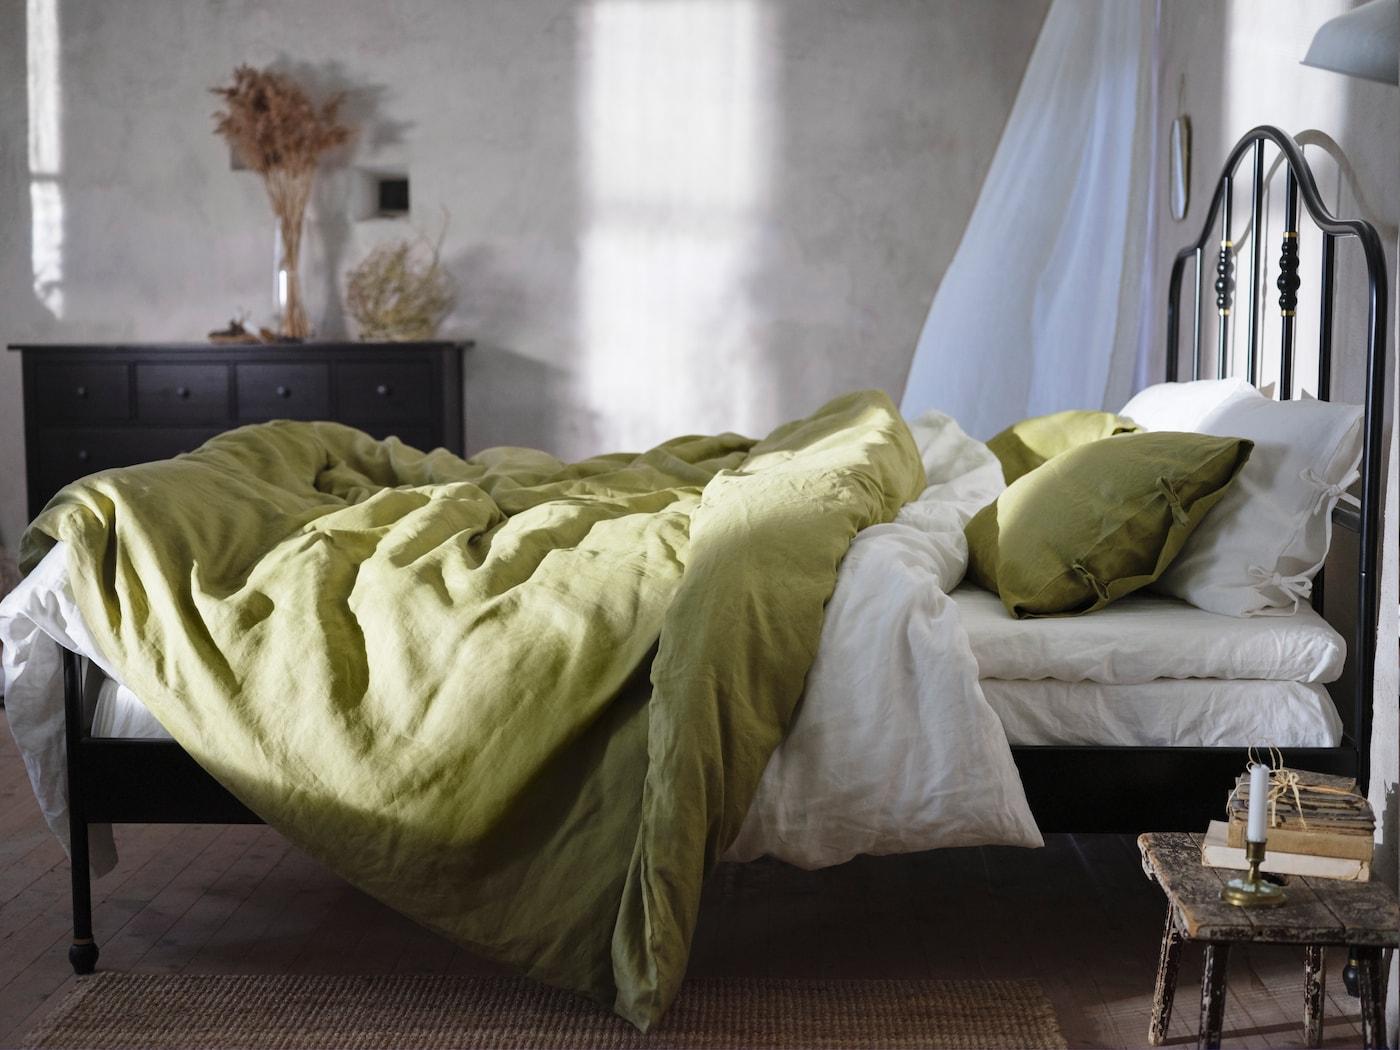 onverwachte gasten-logeren-IKEA wooninspiratie